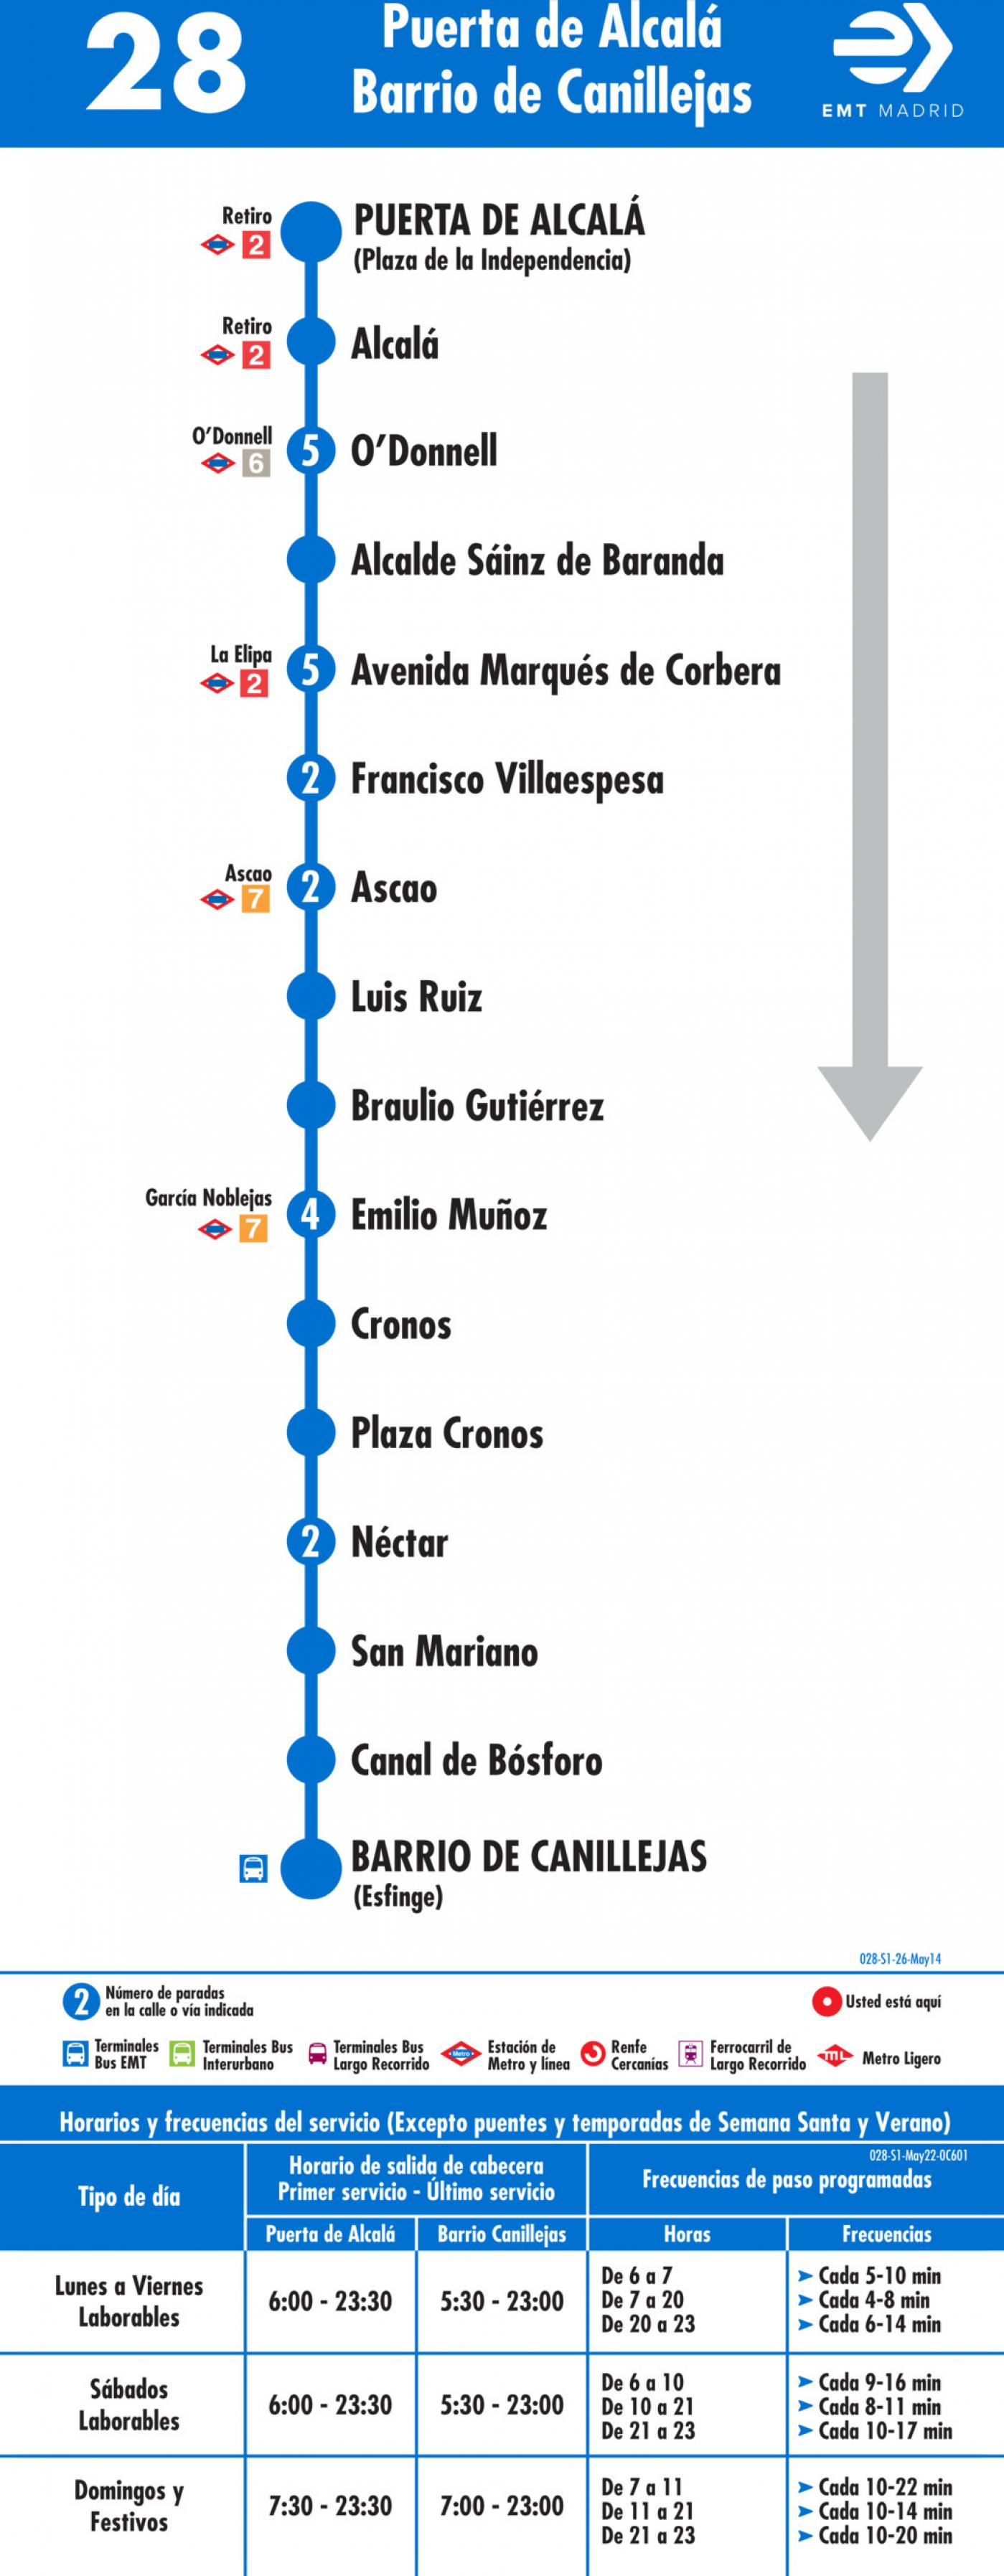 Tabla de horarios y frecuencias de paso en sentido ida Línea 28: Puerta de Alcalá - Barrio de Canillejas